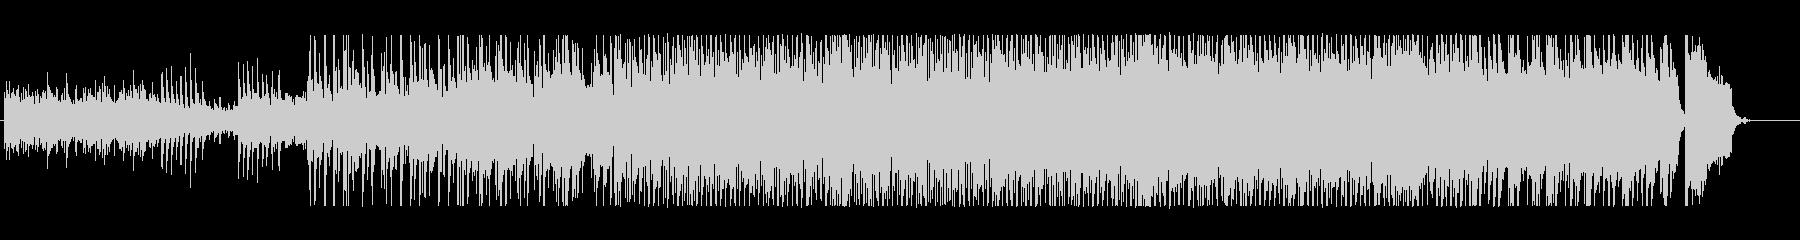 未来風~前向きなアップテンポ◎ピアノ旋律の未再生の波形